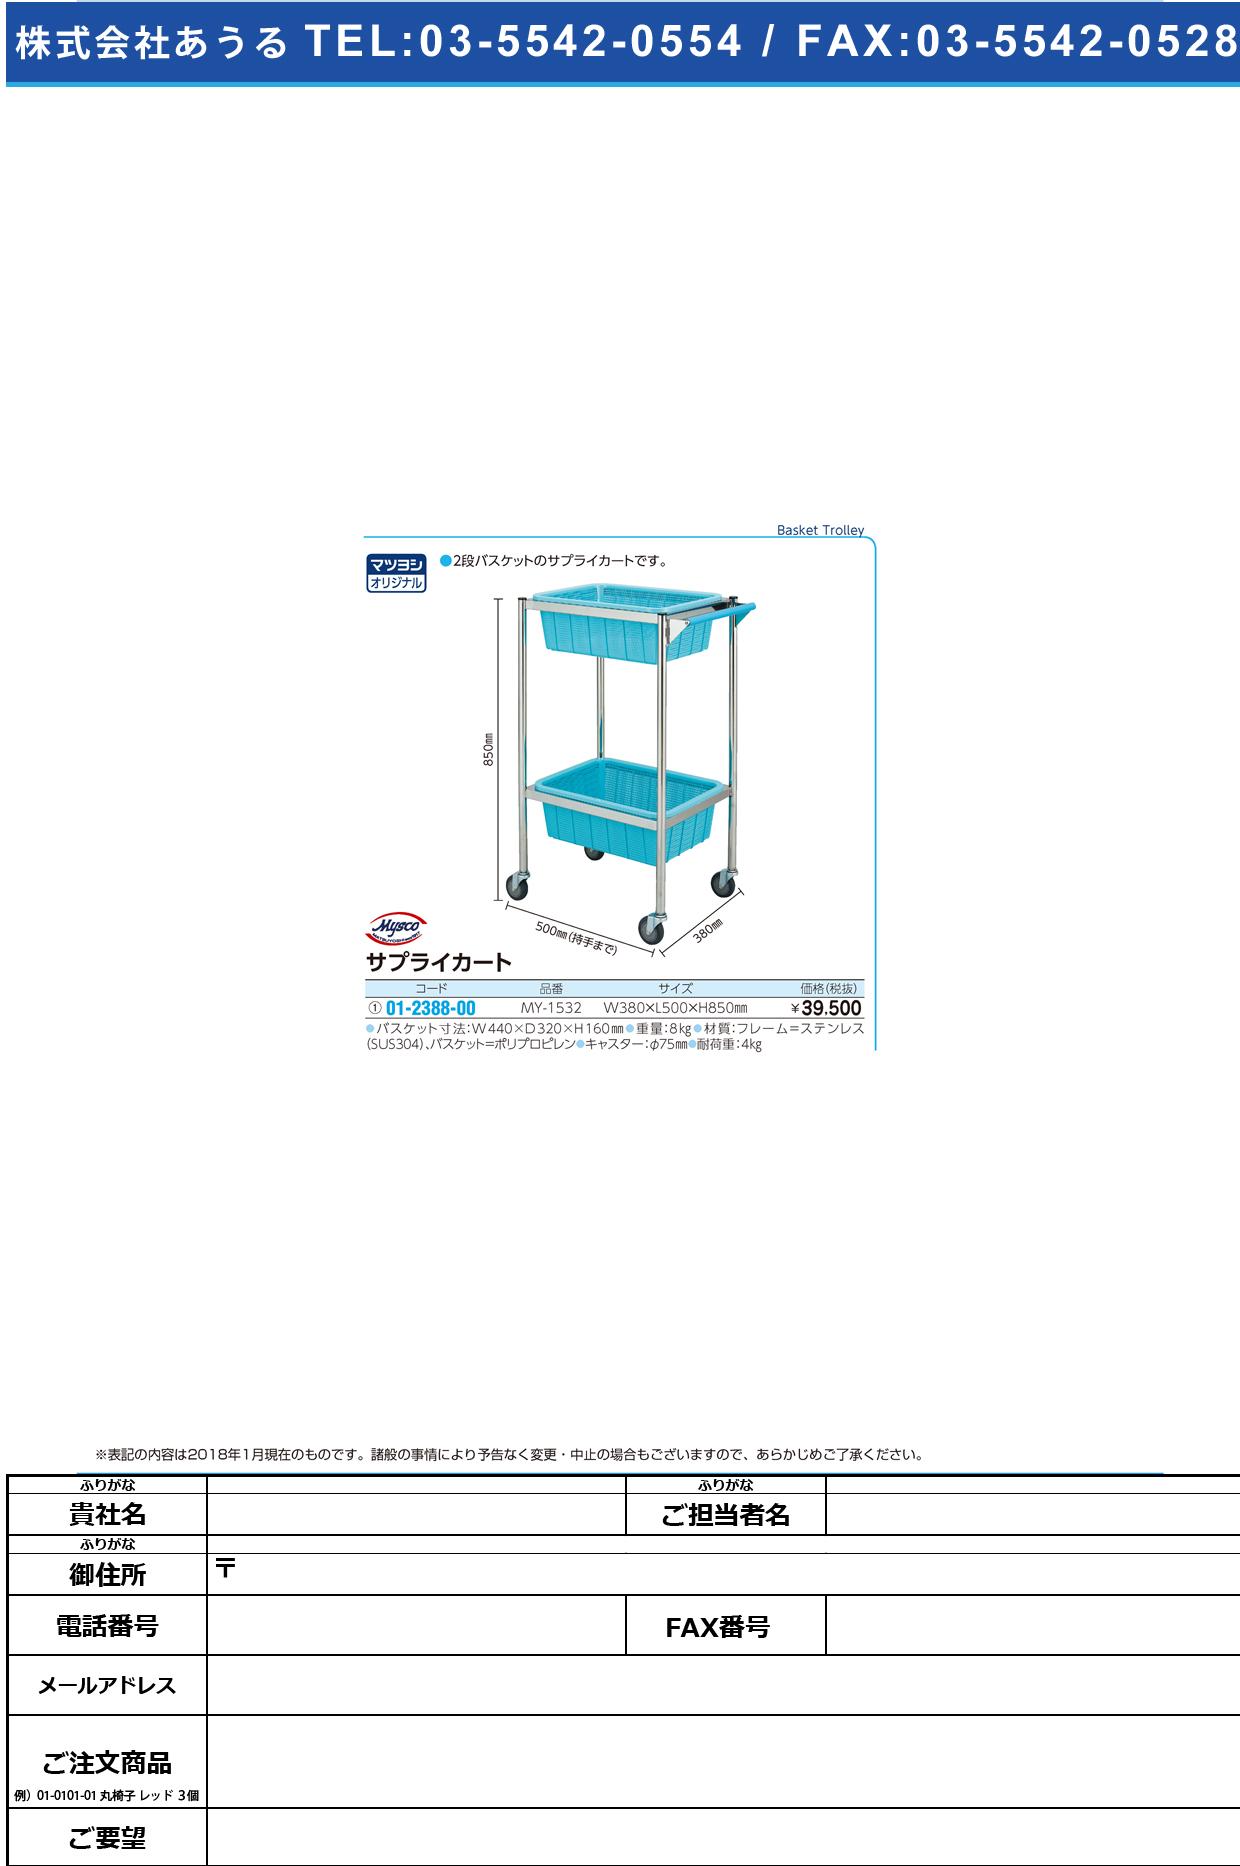 (01-2388-00)サプライカート MY-1532(68X38X93CM) サプライカート【1台単位】【2019年カタログ商品】